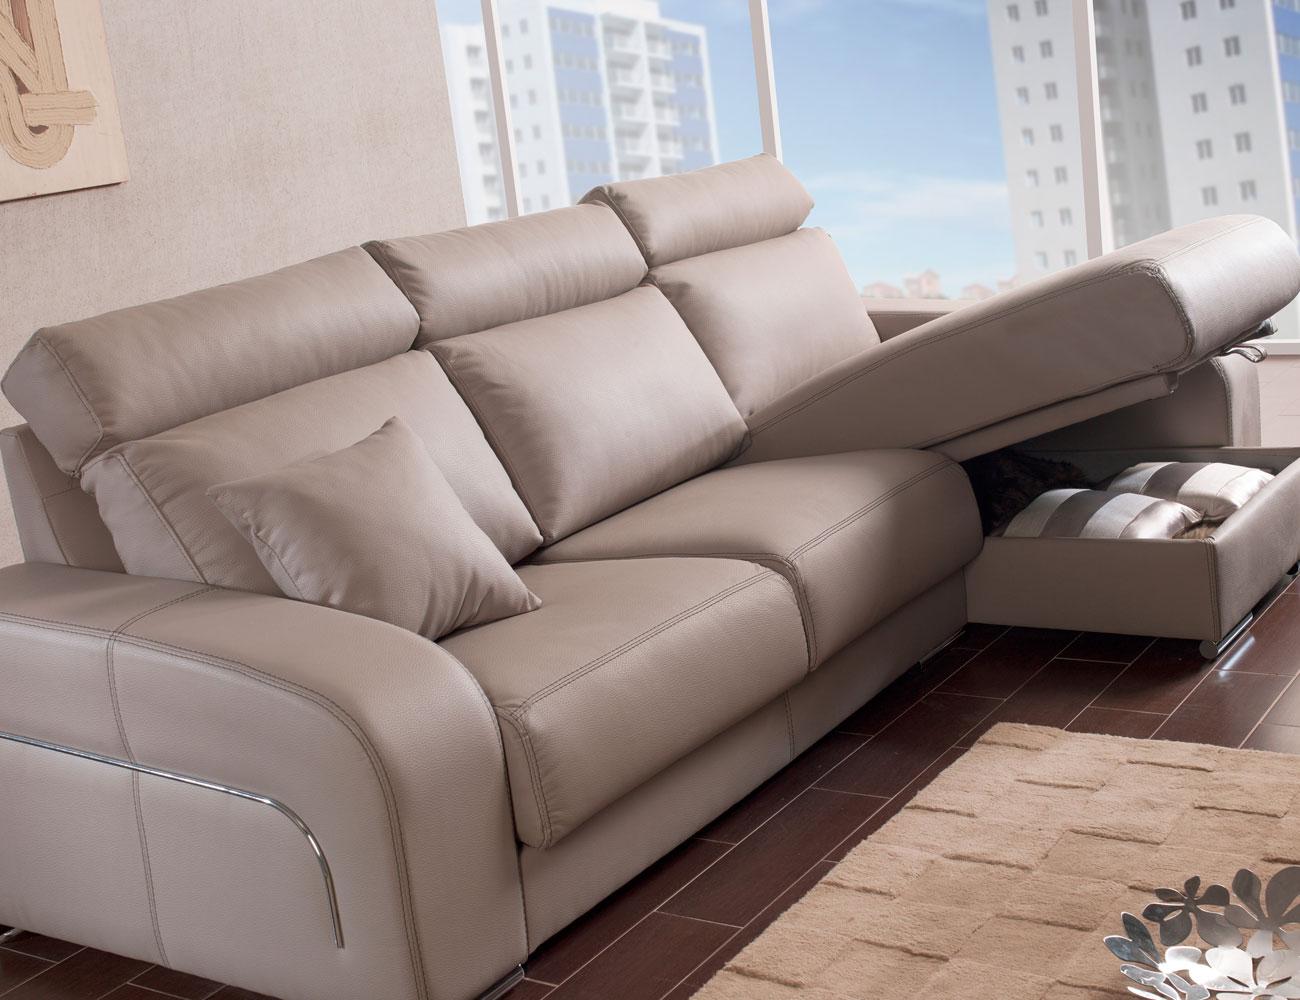 Sofa chaiselongue moderno pared cero arcon16